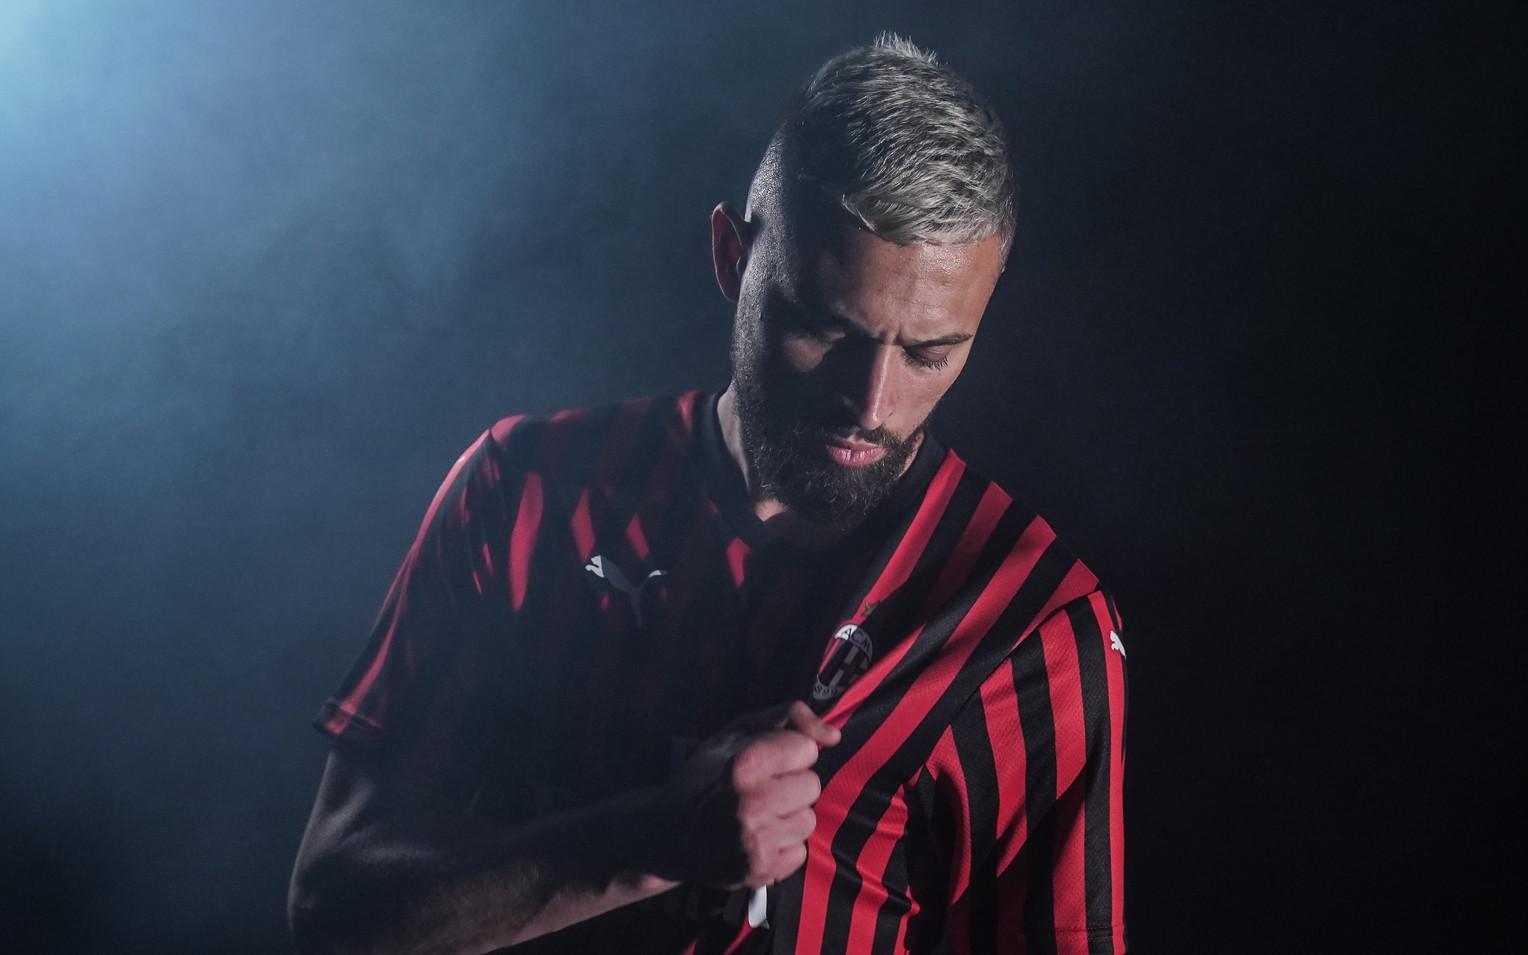 Arriva l&#39;annuncio ufficiale per&nbsp;Leo Duarte, che il&nbsp;Milan&nbsp;ha acquistato dal Flamengo per circa 11 milioni di euro. Il difensore brasiliano ha firmato per cinque anni: &quot;Sar&agrave; il 36&deg; calciatore brasiliano a vestire la maglia rossonera, proseguendo cos&igrave; la tradizione verdeoro nella storia del Milan&quot;, si legge nel comunicato.<br /><br />